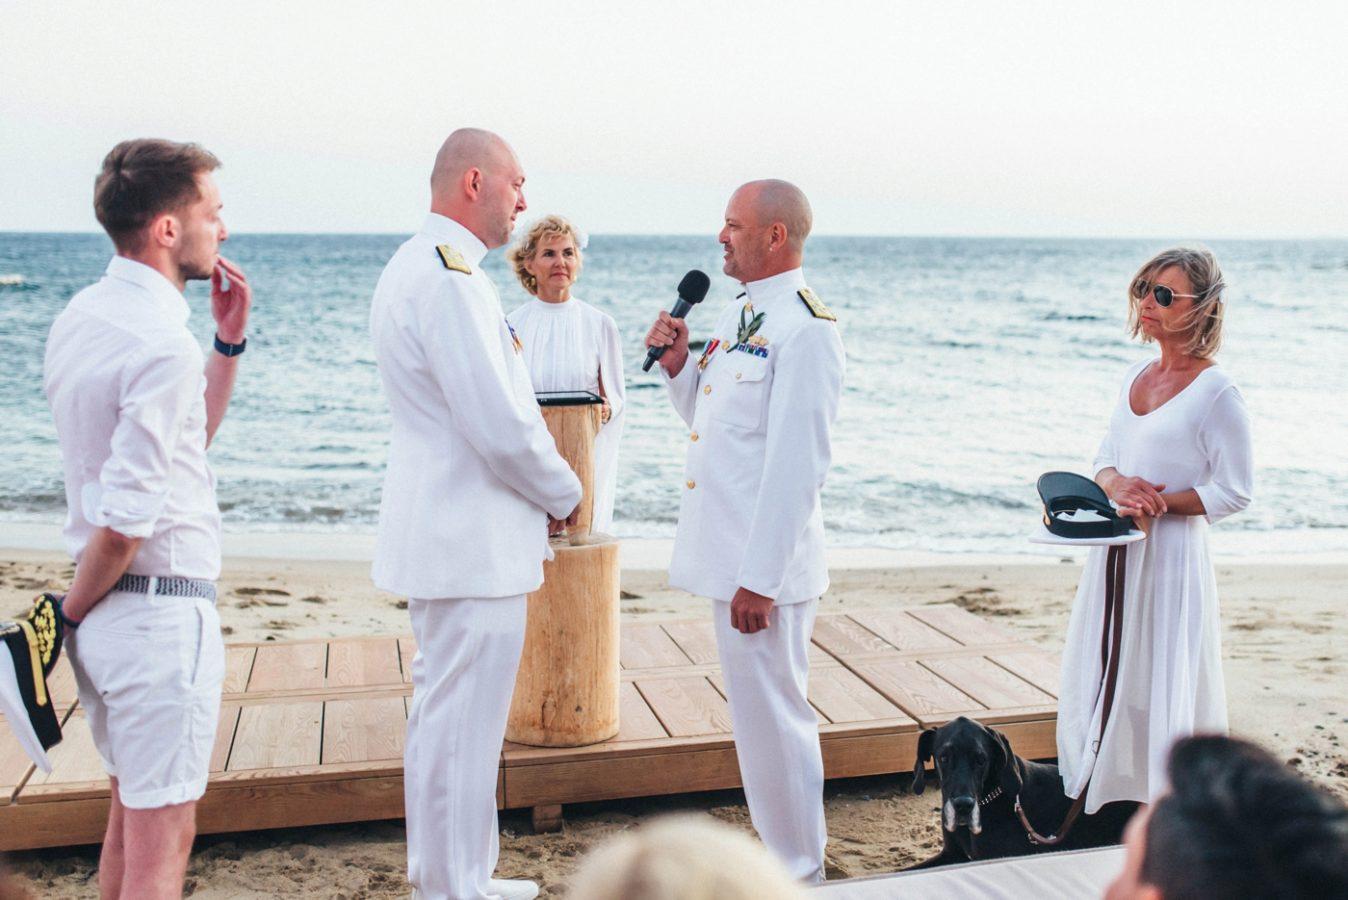 Fotos HochzeitsreportagenFotoshochzeit hochzeitsfotograf international cologne ibiza mallorca 0875